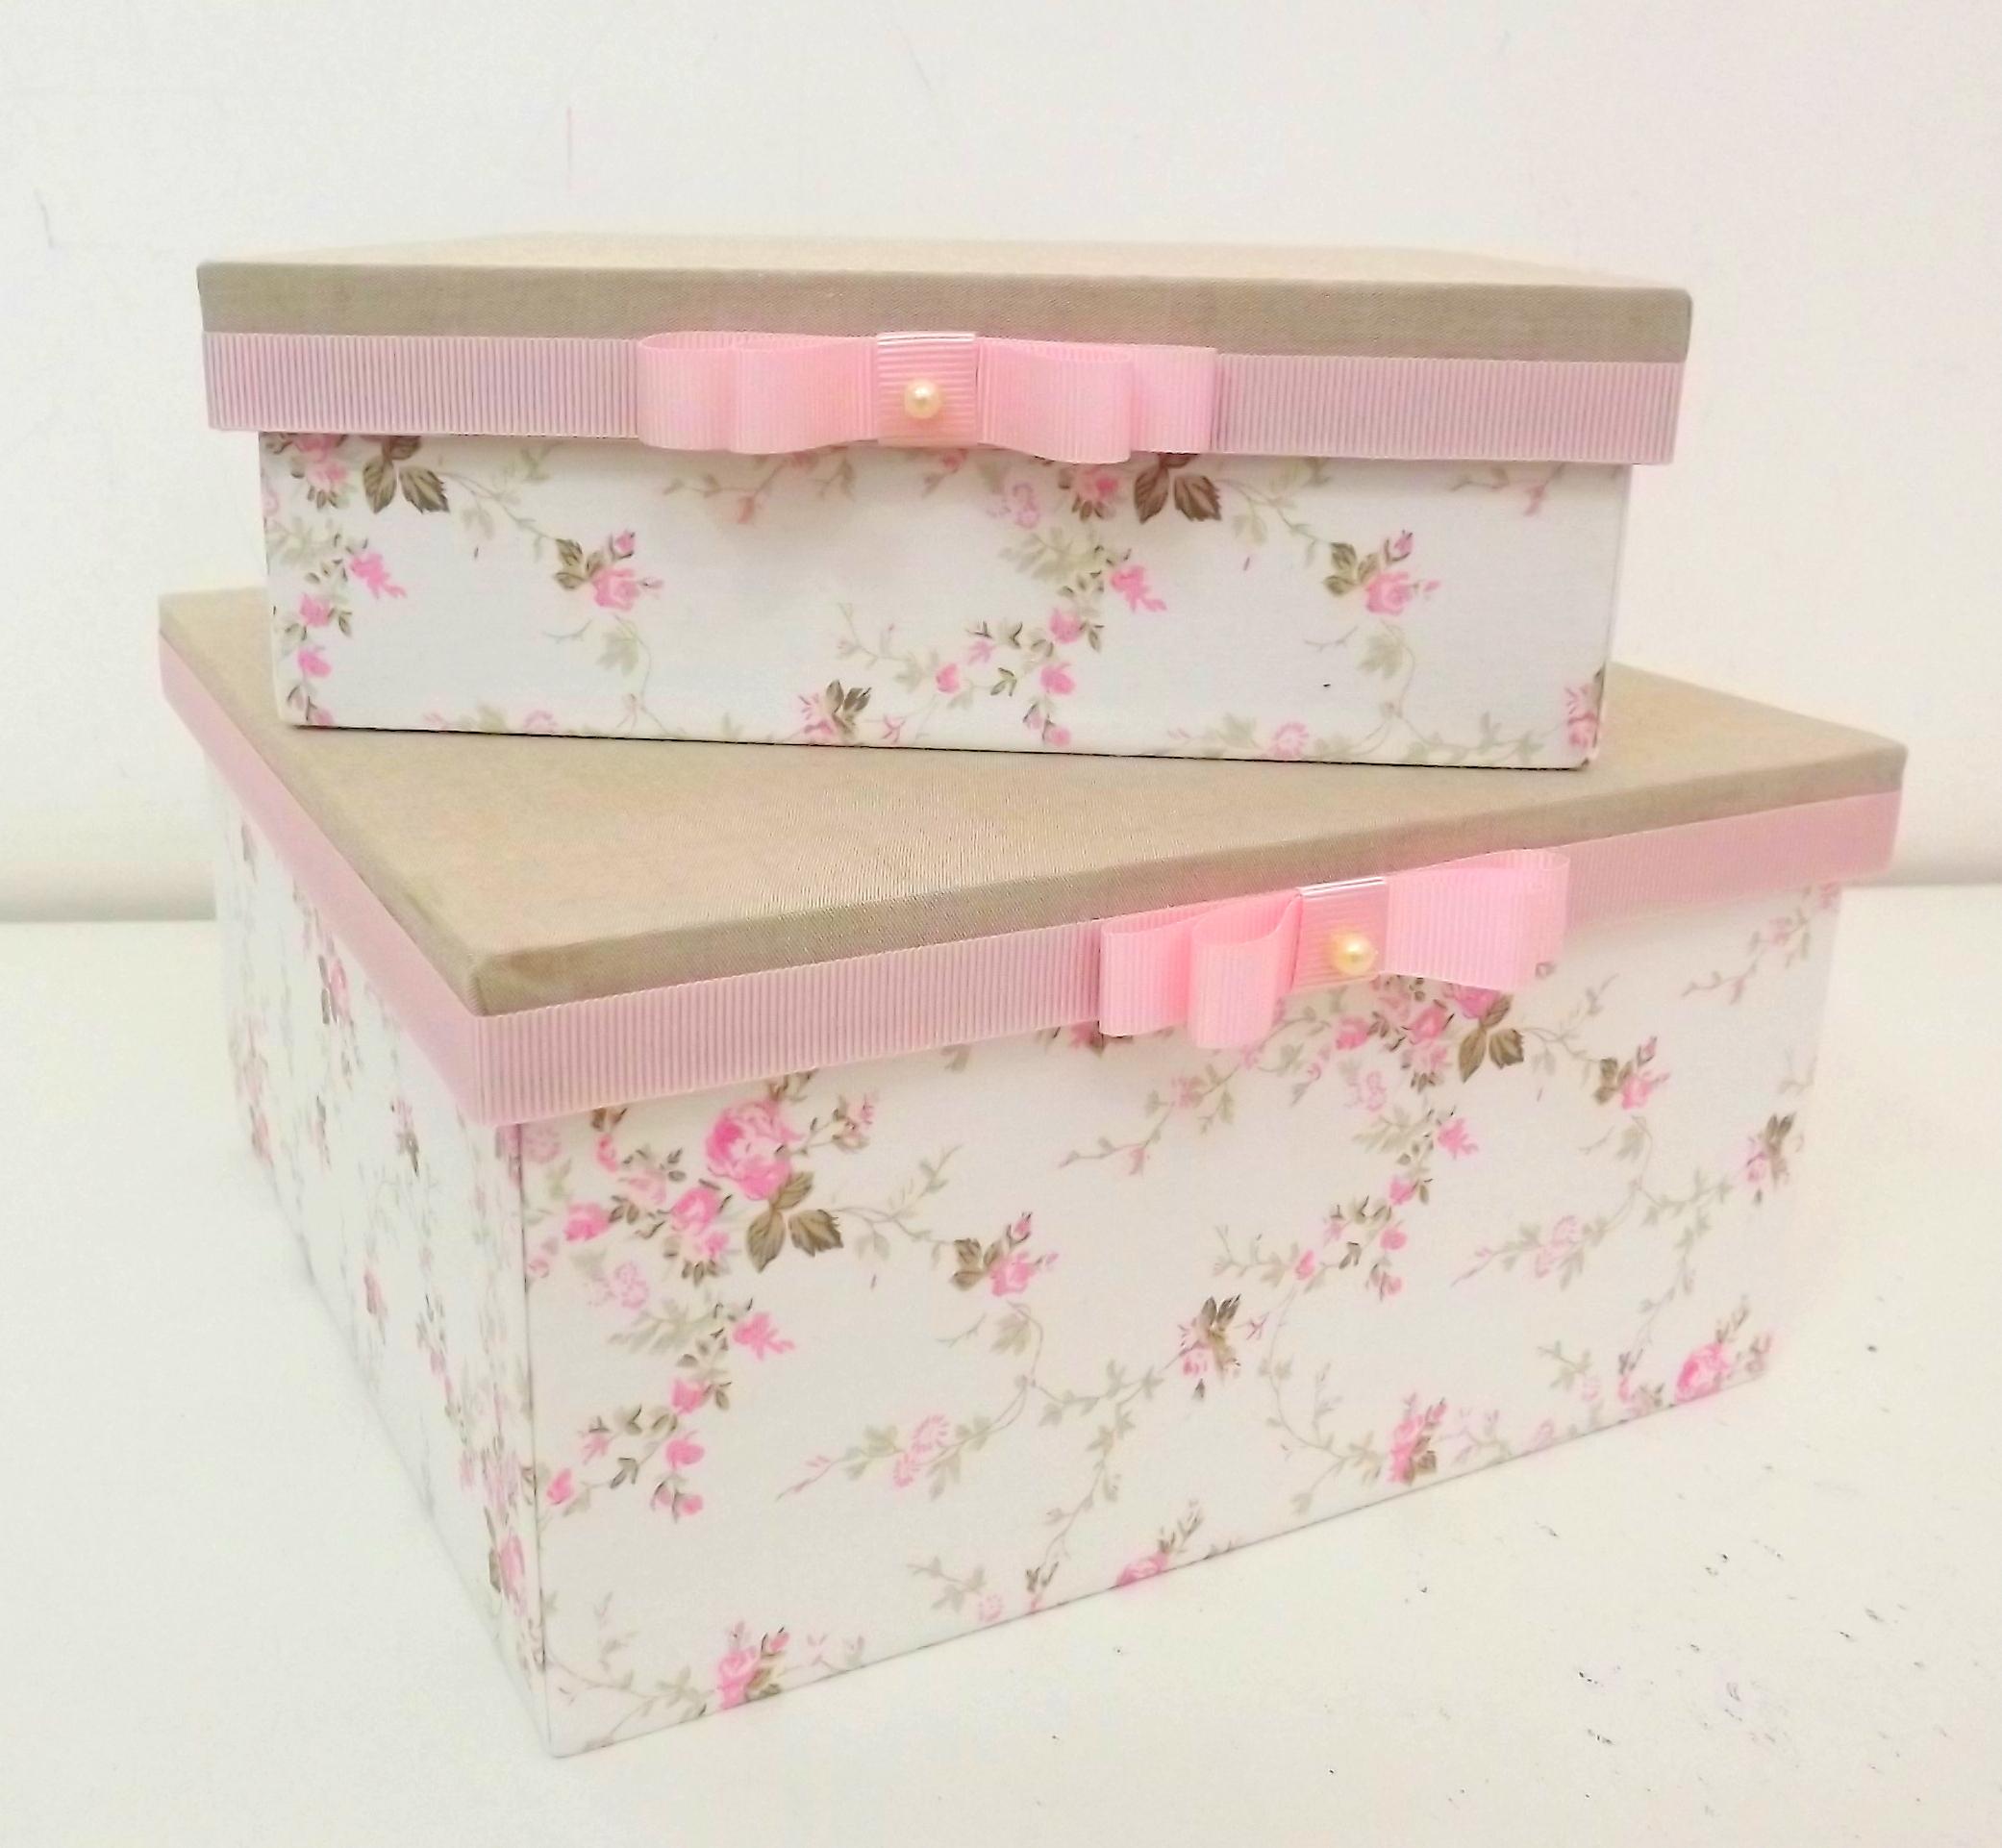 caixas madeira forradas tecido caixas forradas de tecido #943745 2082x1922